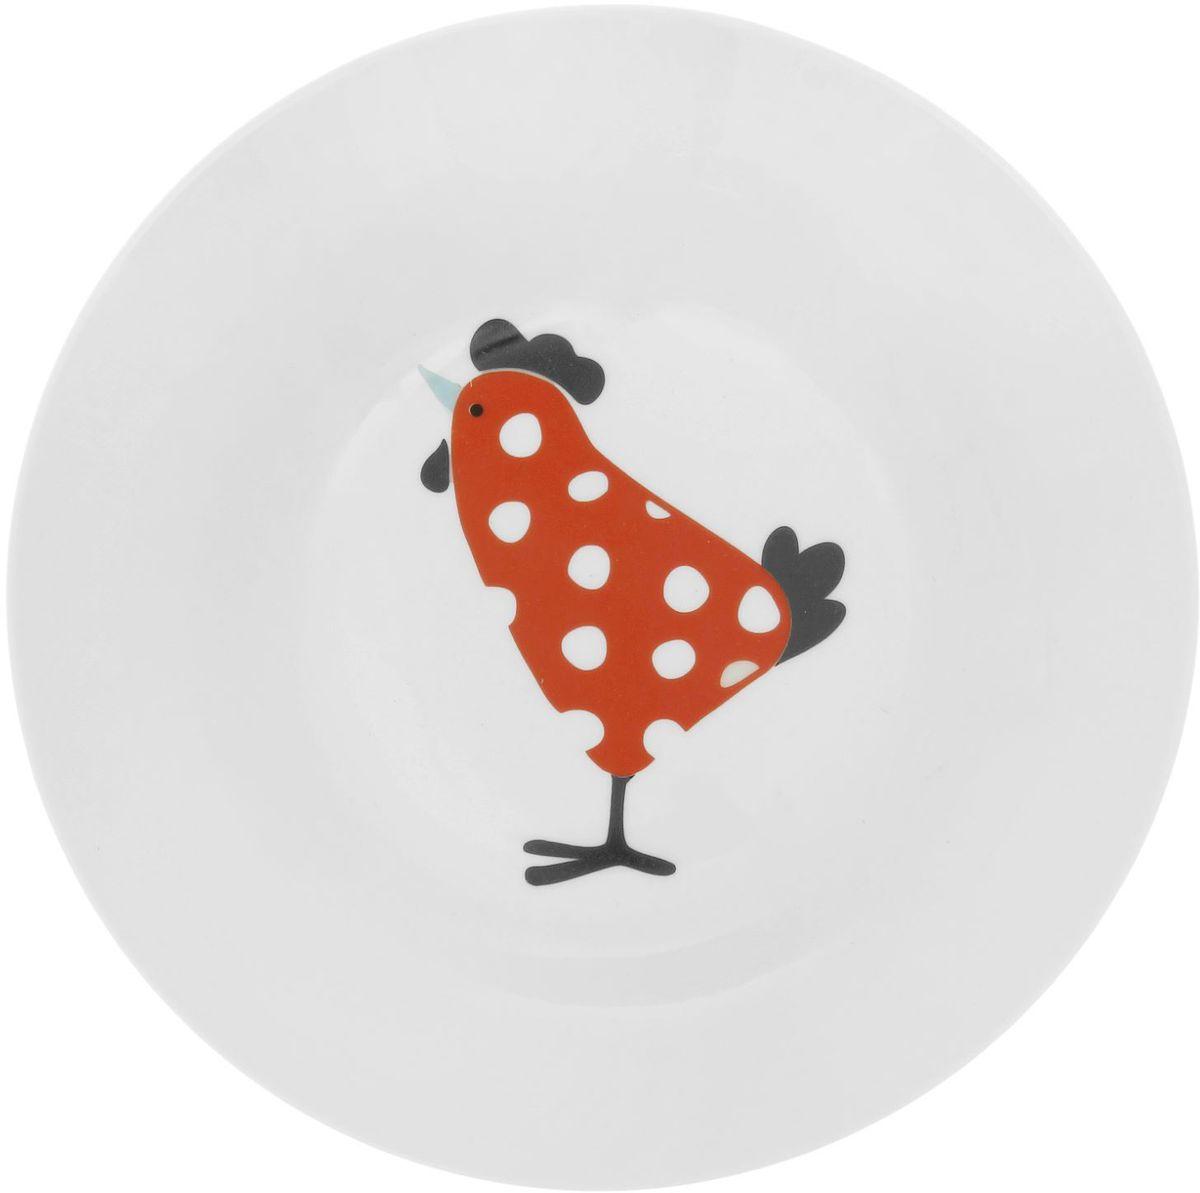 Тарелка глубокая Сотвори чудо My Chicken, диаметр 20 см1828172Хотите обновить интерьер кухни или гостиной? Устраиваете необычную фотосессию или тематический праздник? А может, просто ищете подарок для близкого человека? Посуда « Сотвори Чудо» — правильный выбор в любой ситуации. Её достоинства: изящный фаянс нежного сливочного цвета; стойкость краски; пригодность для посудомоечных машин.